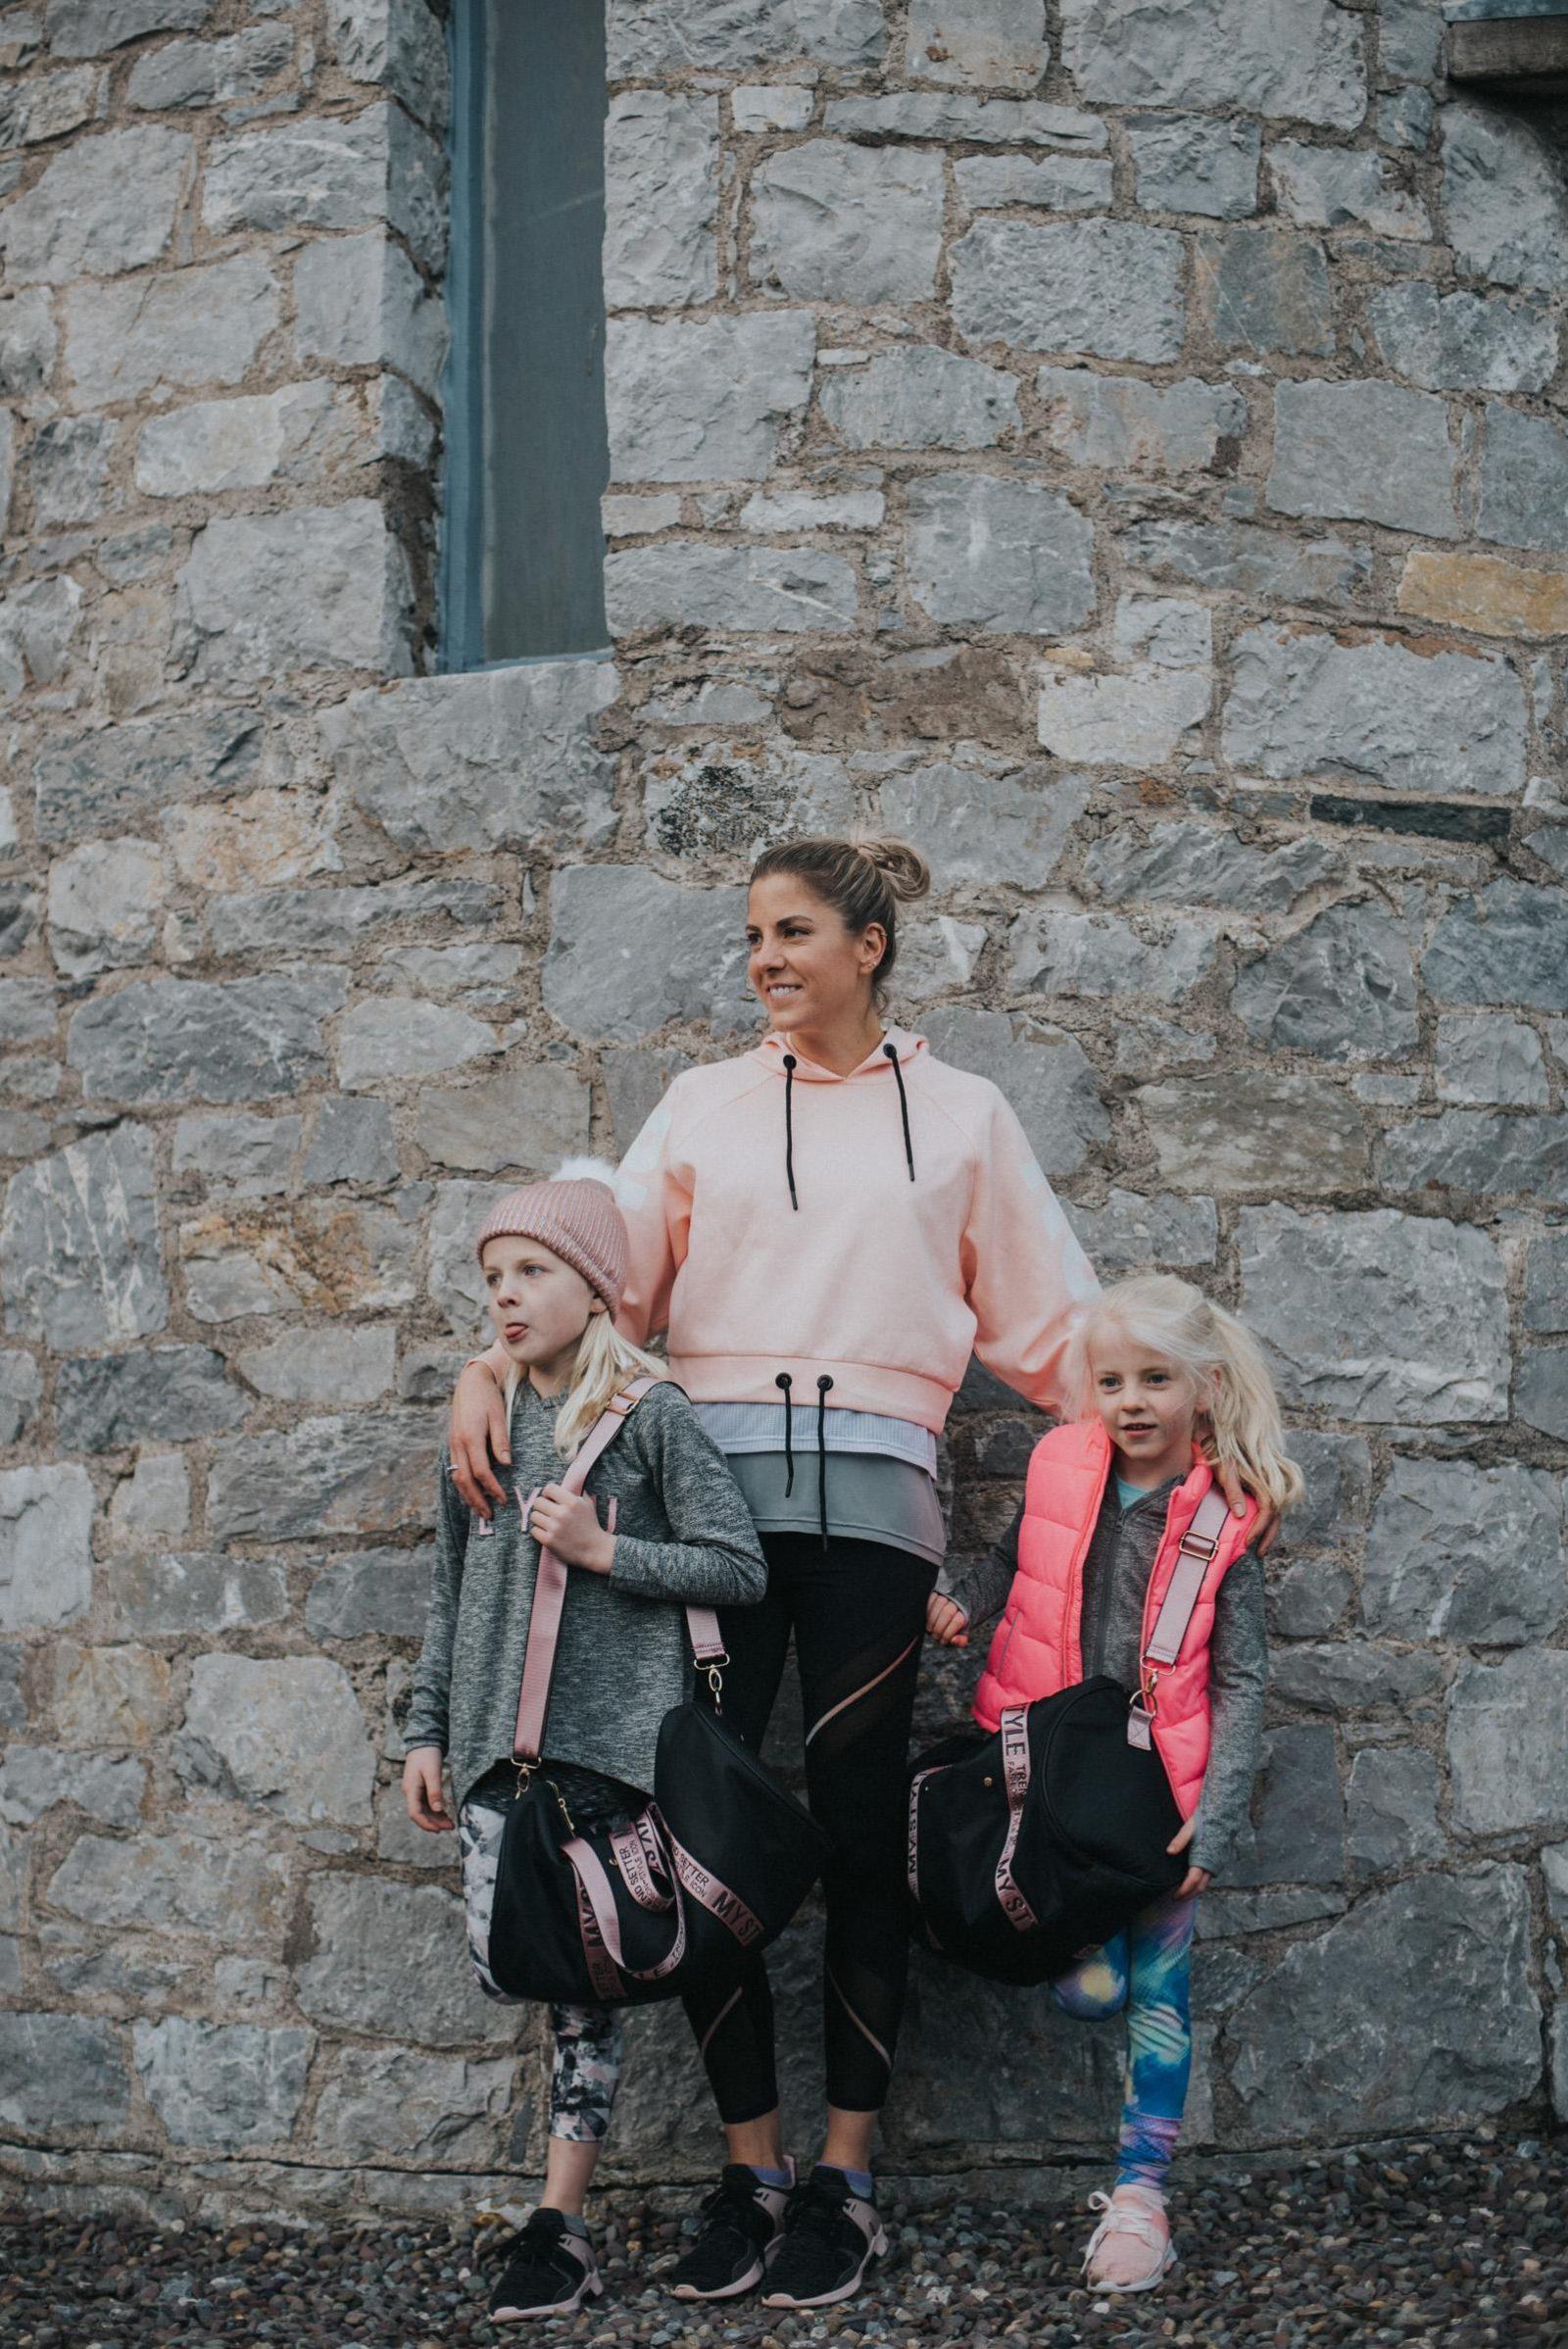 Primark Leanmeanmomma leisure wear kids penneys